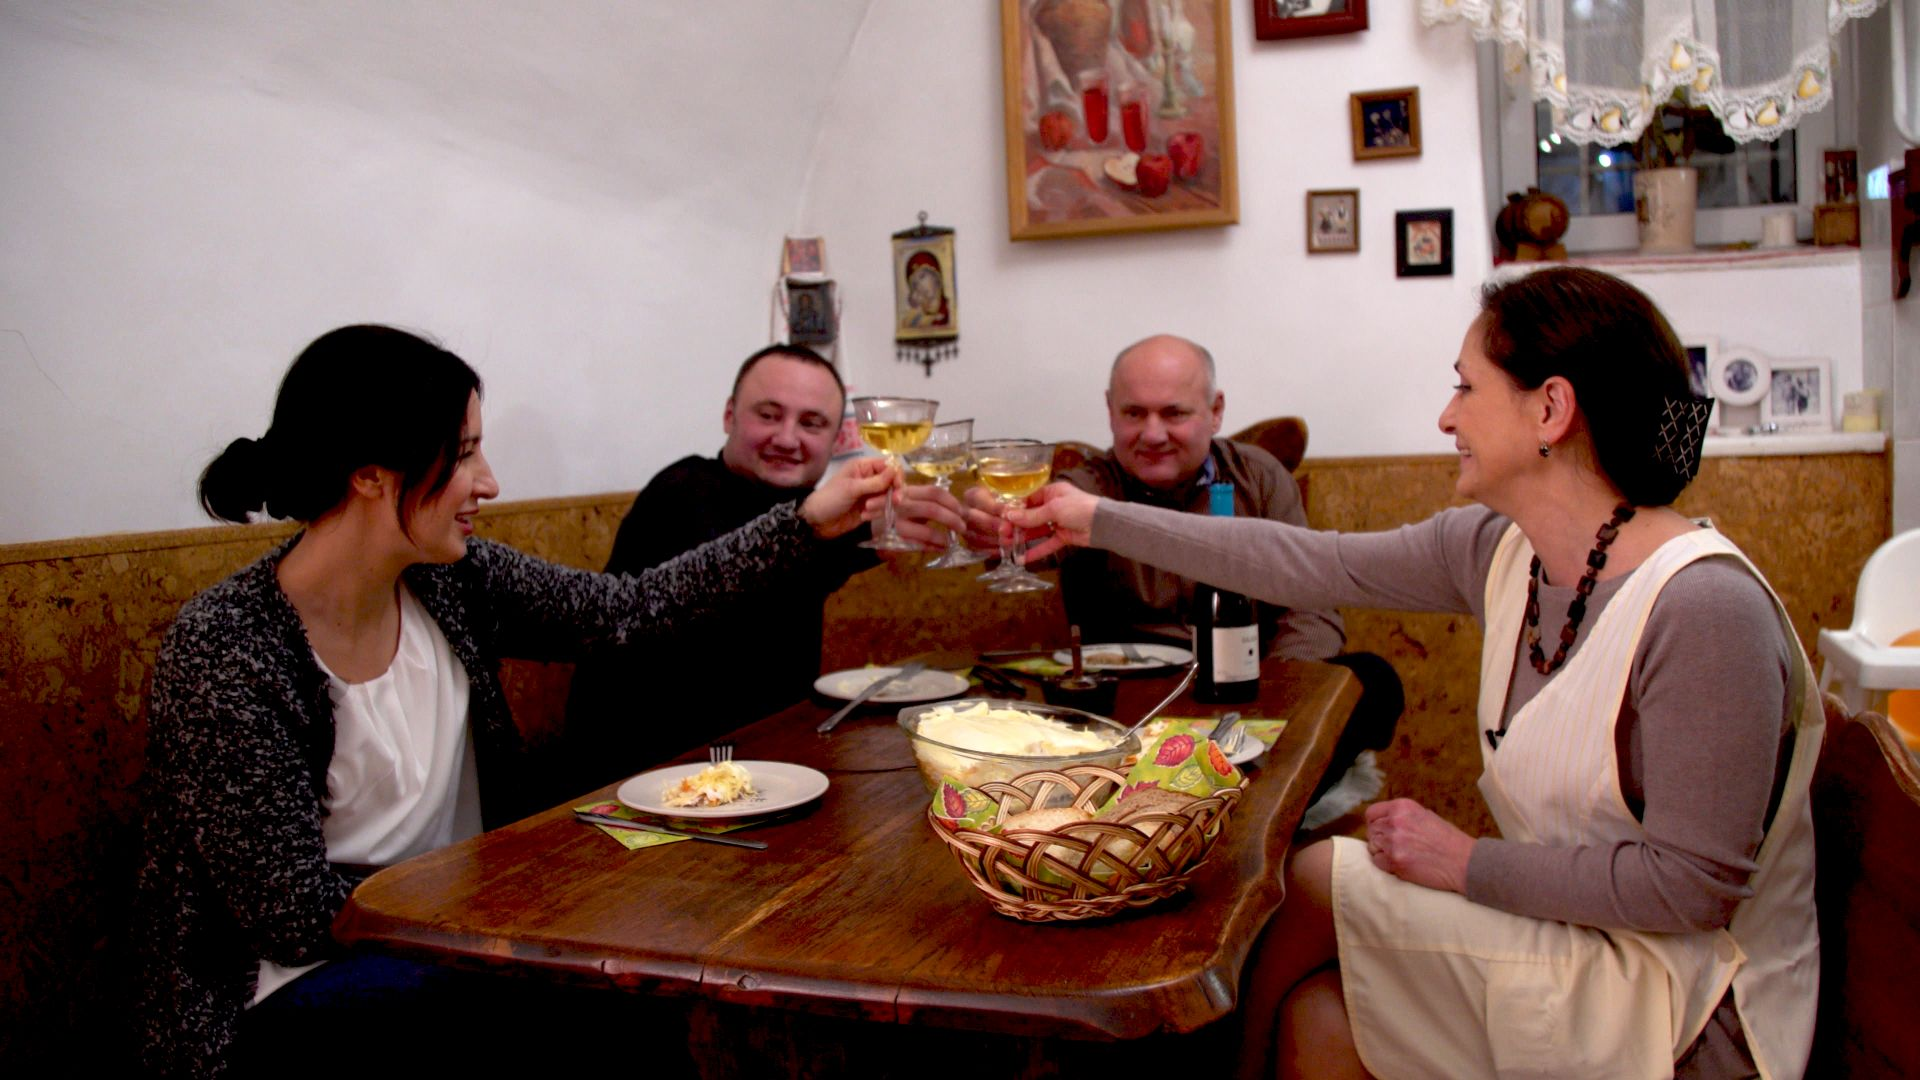 dok_szomszedaink_a_magyarok_foto_goldenrootfilm.jpg